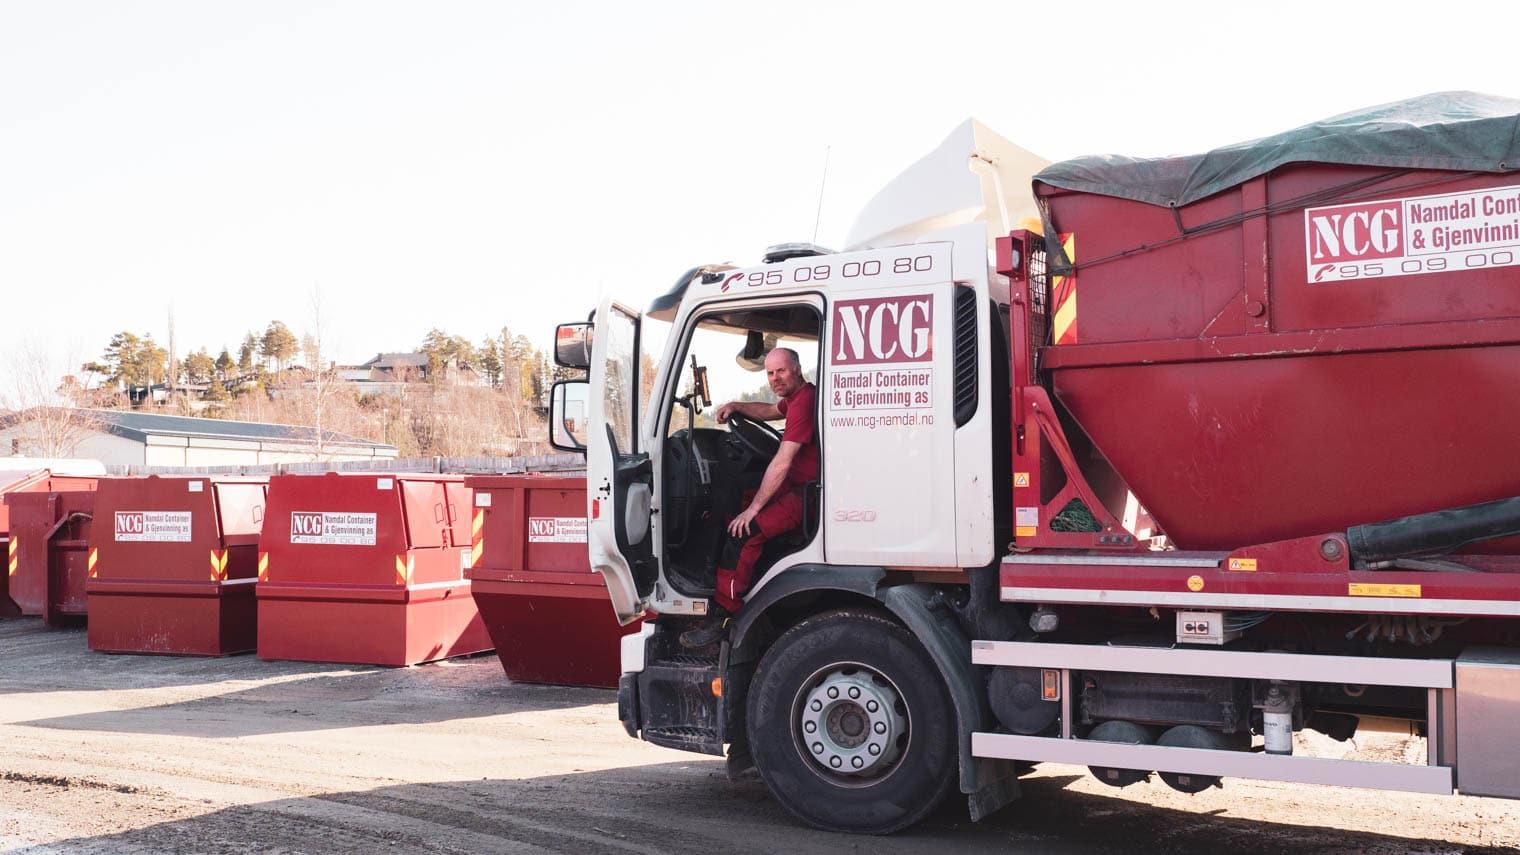 Namdal Container & Gjenvinning as